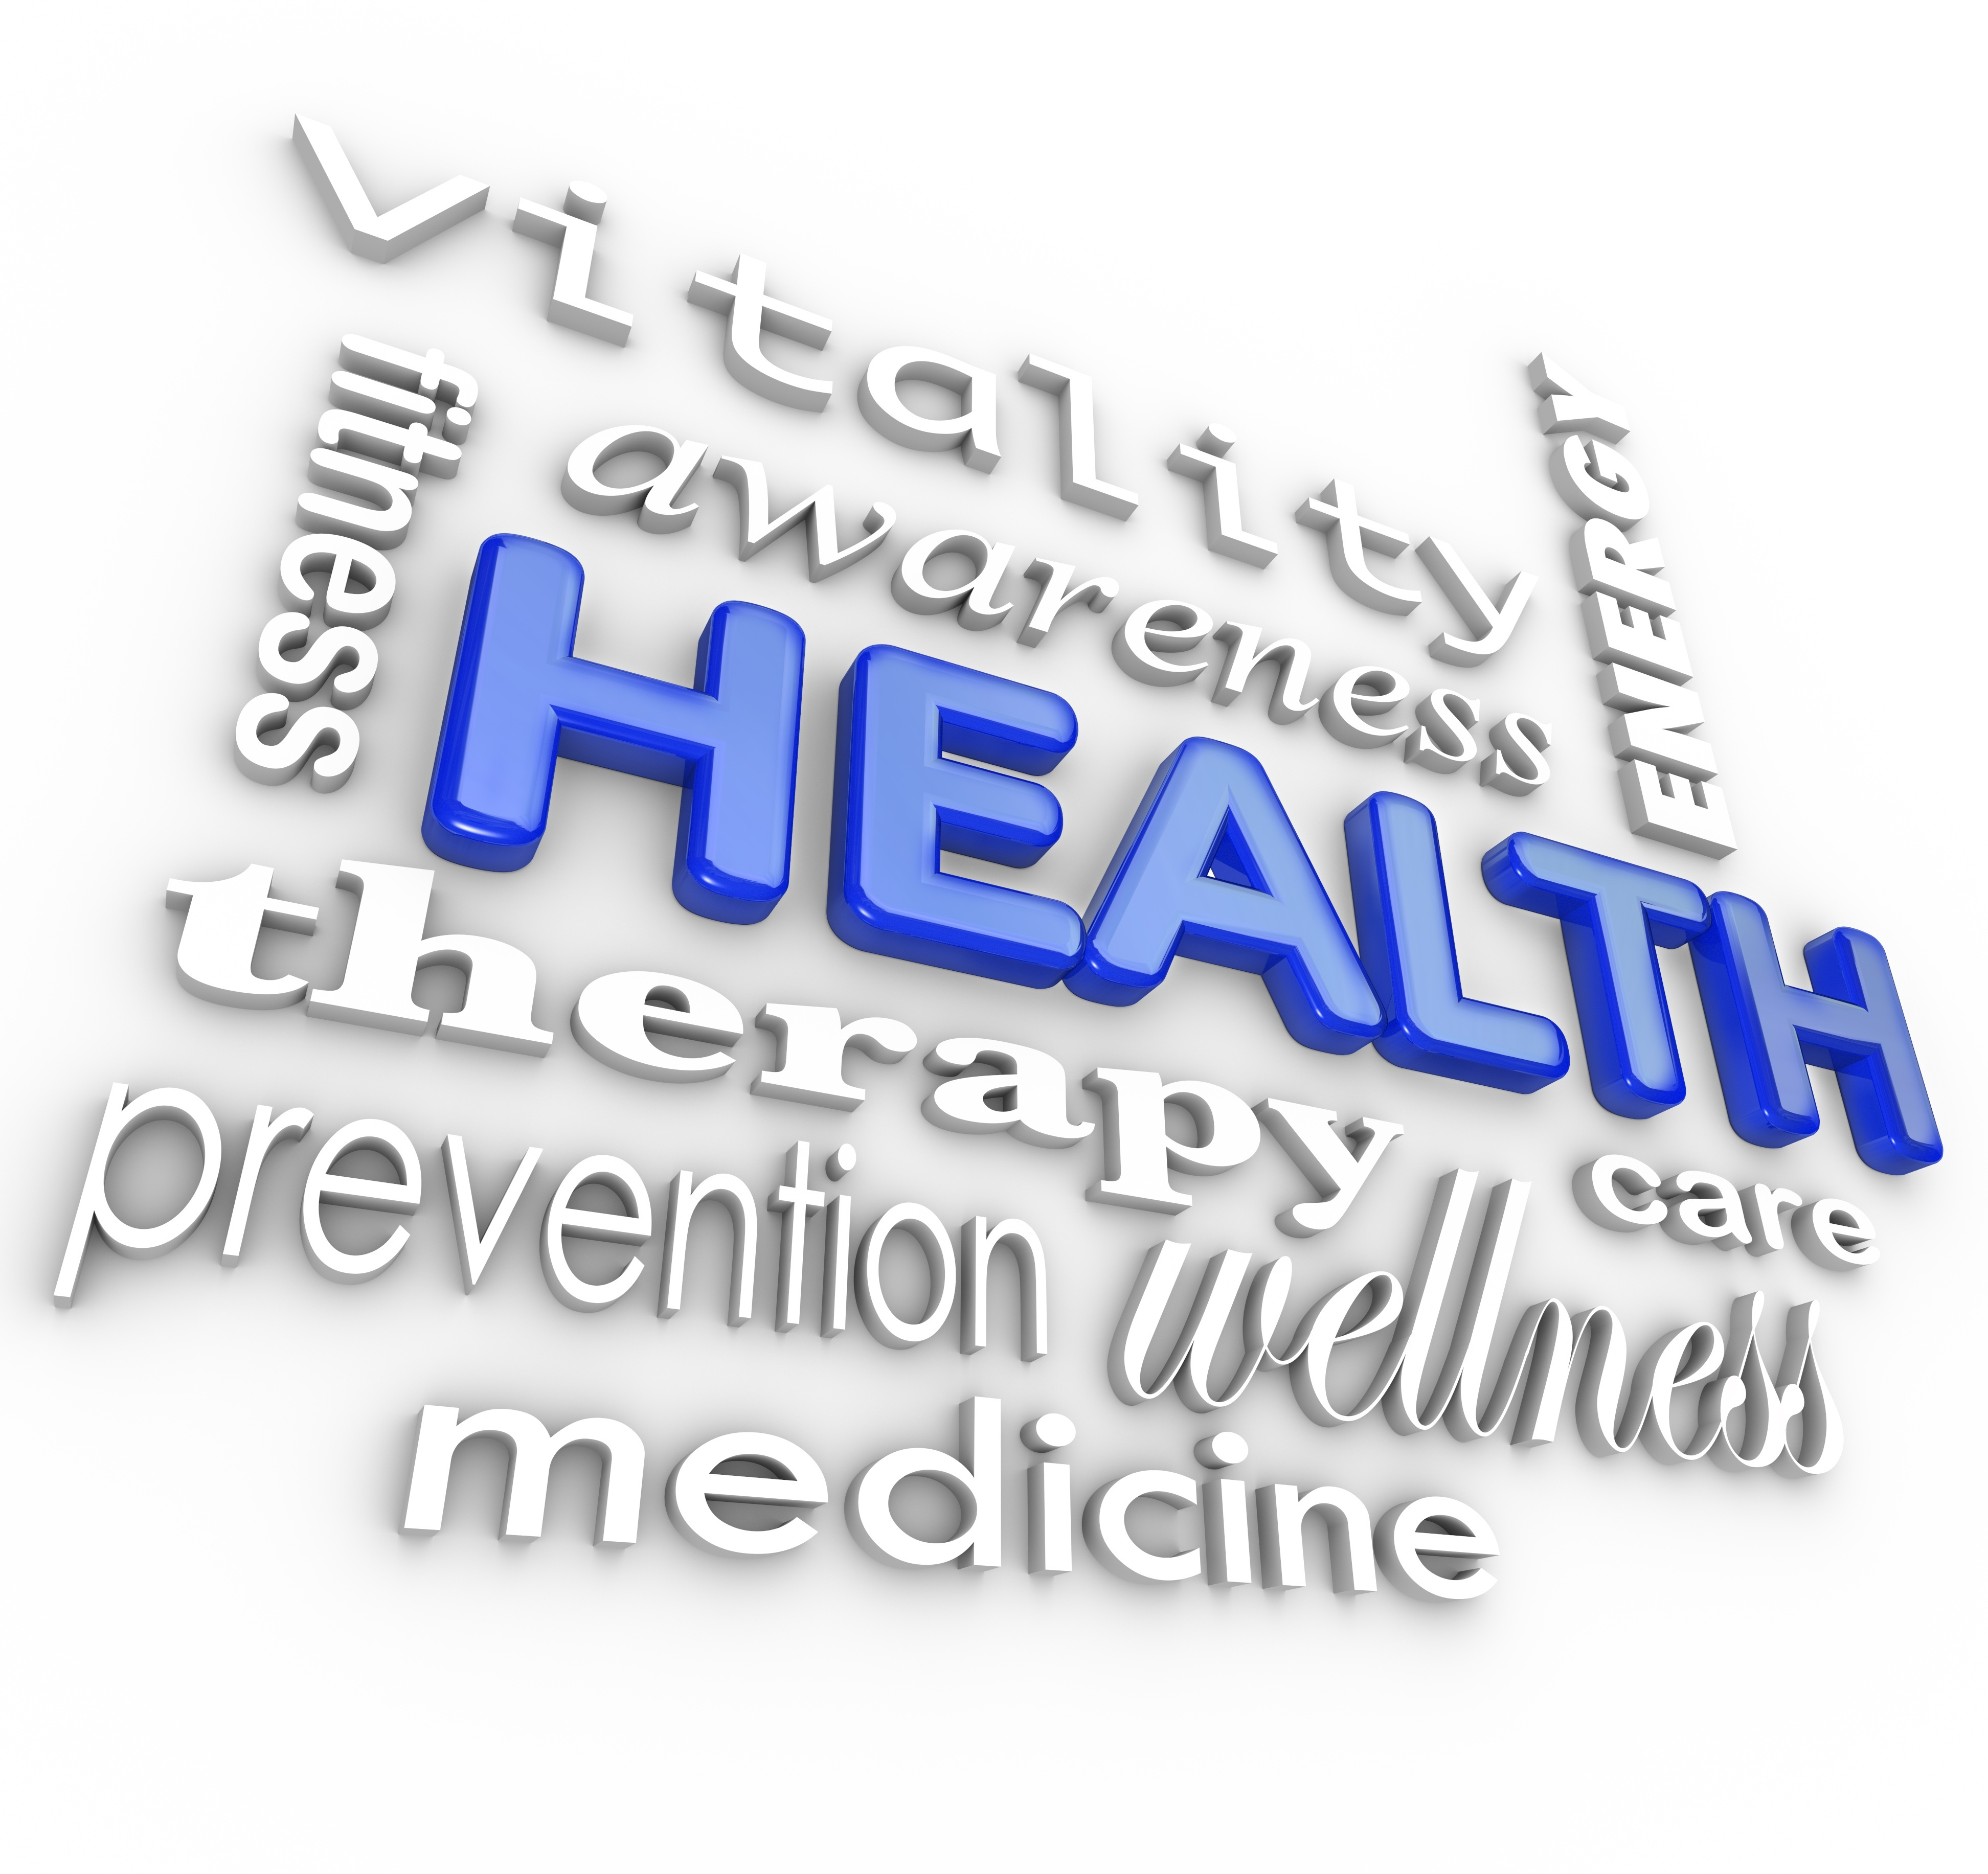 18507383_xxl HEALTH